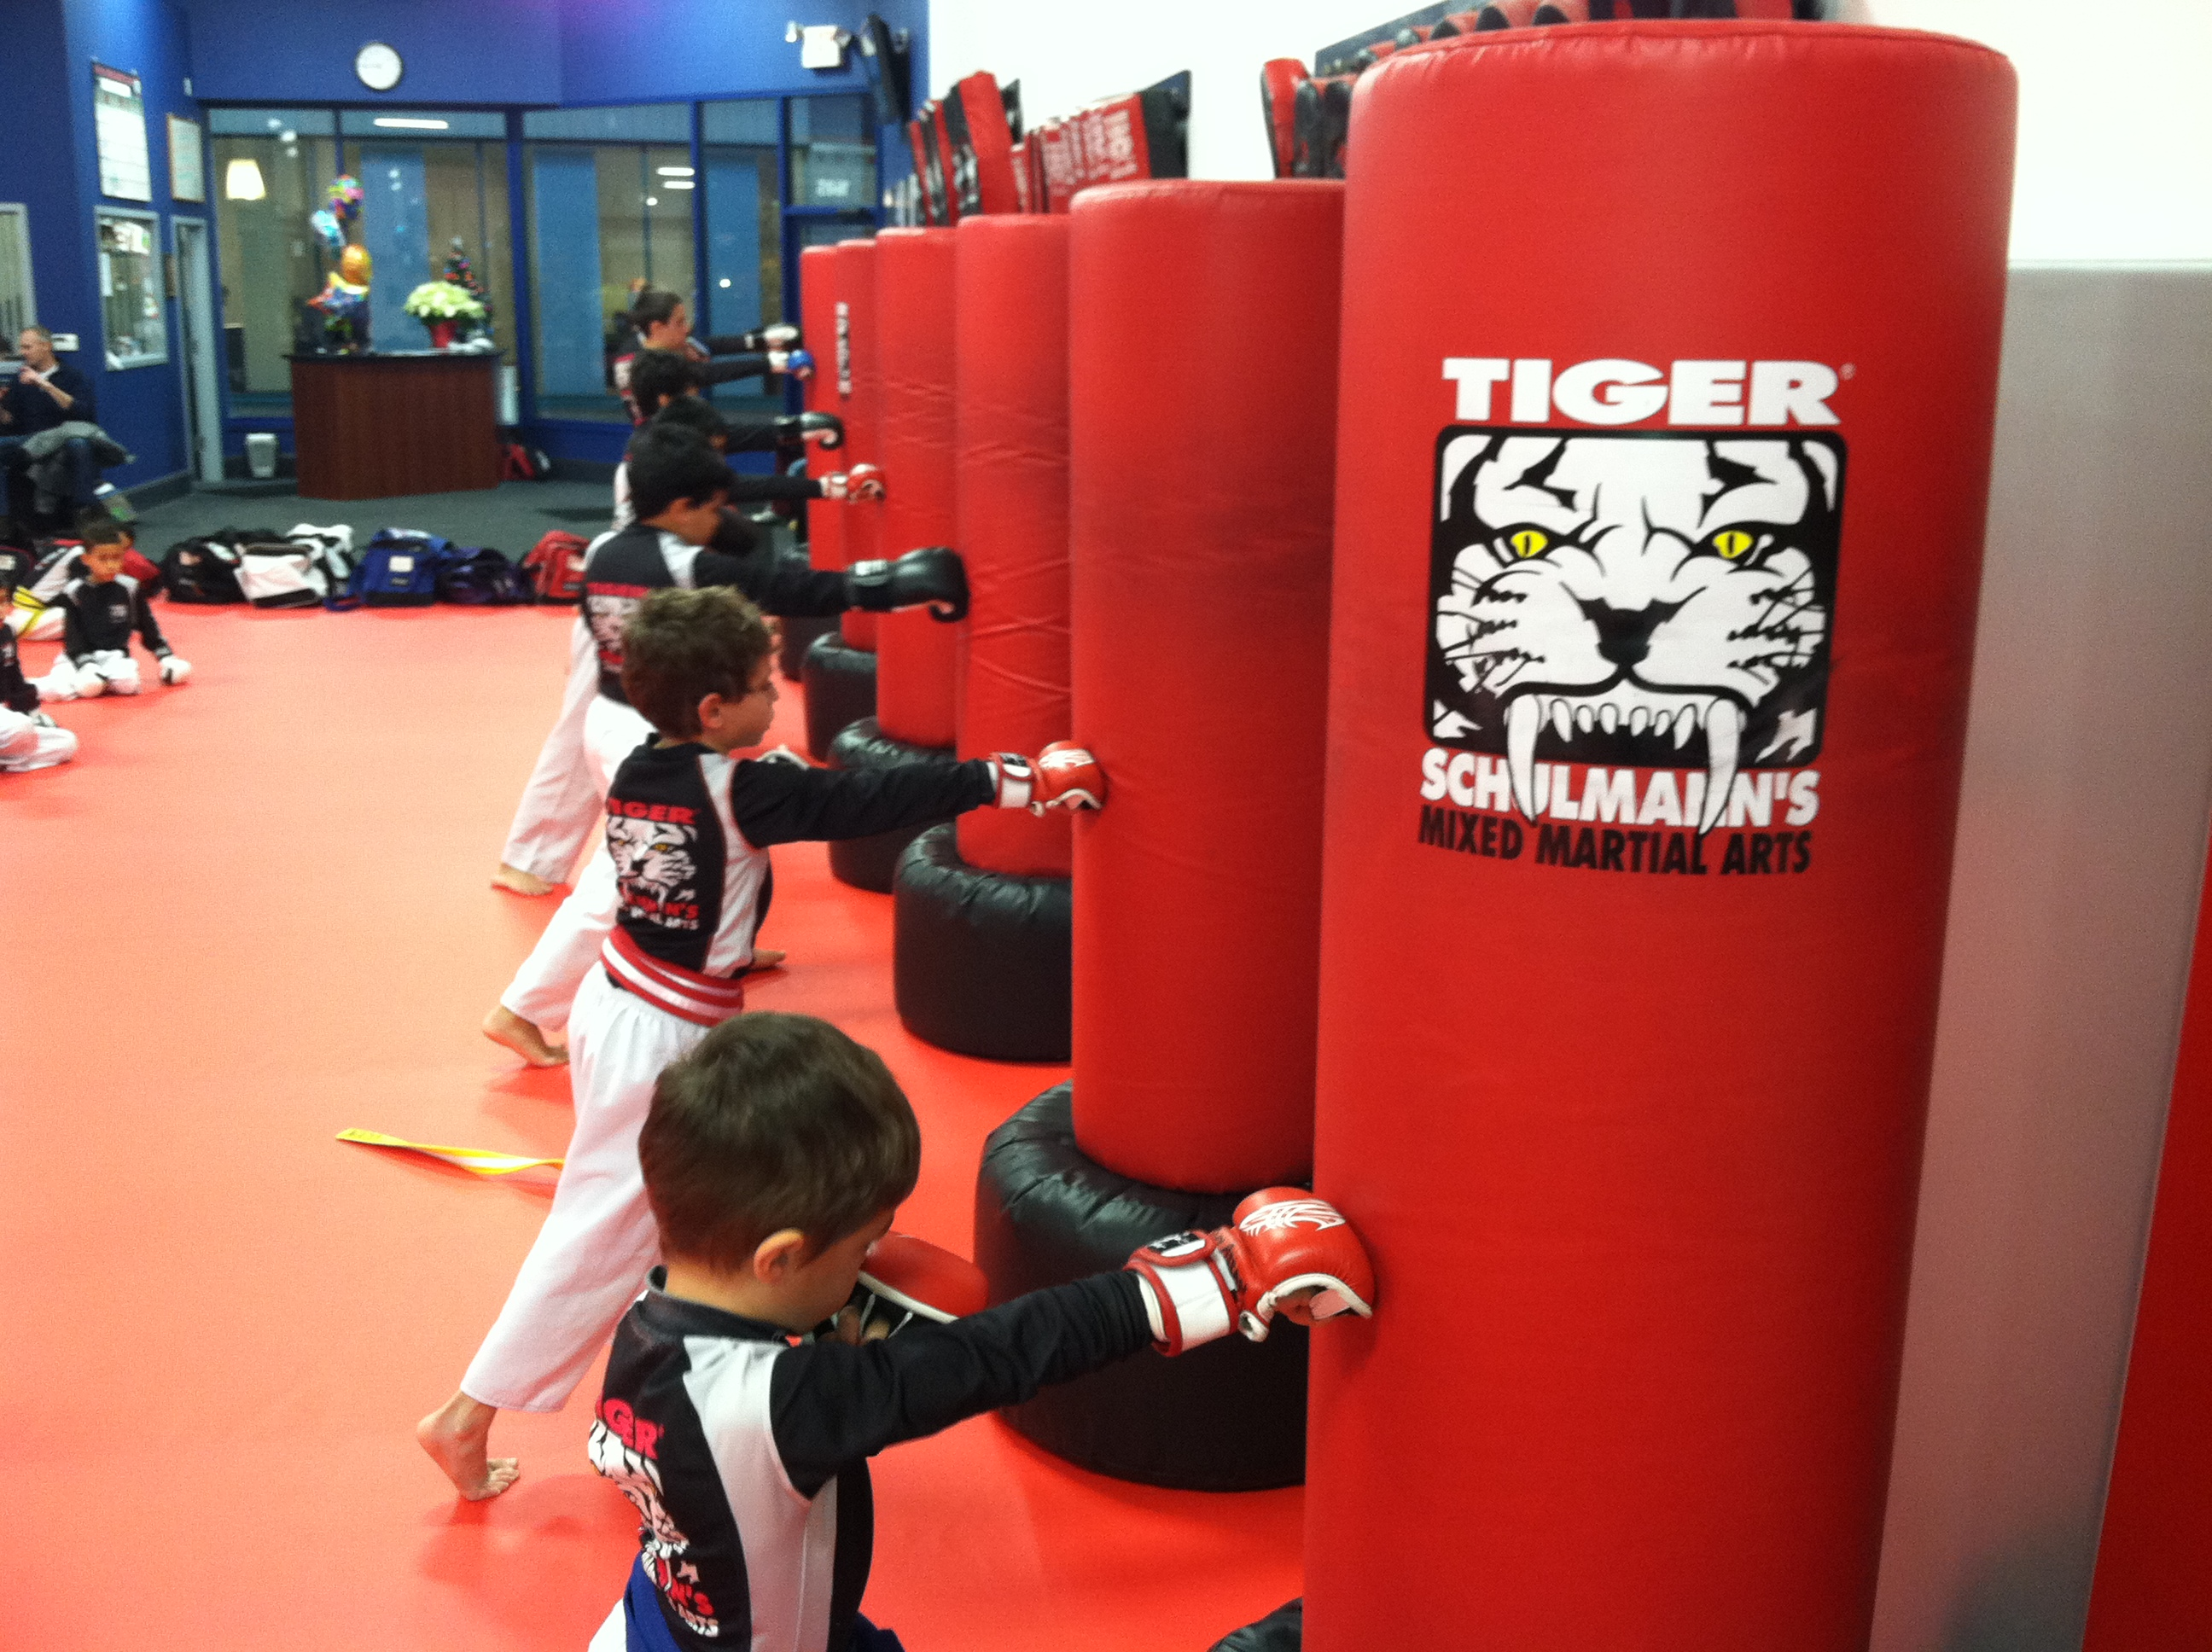 Tiger Schulmann's Martial Arts | Children Punching